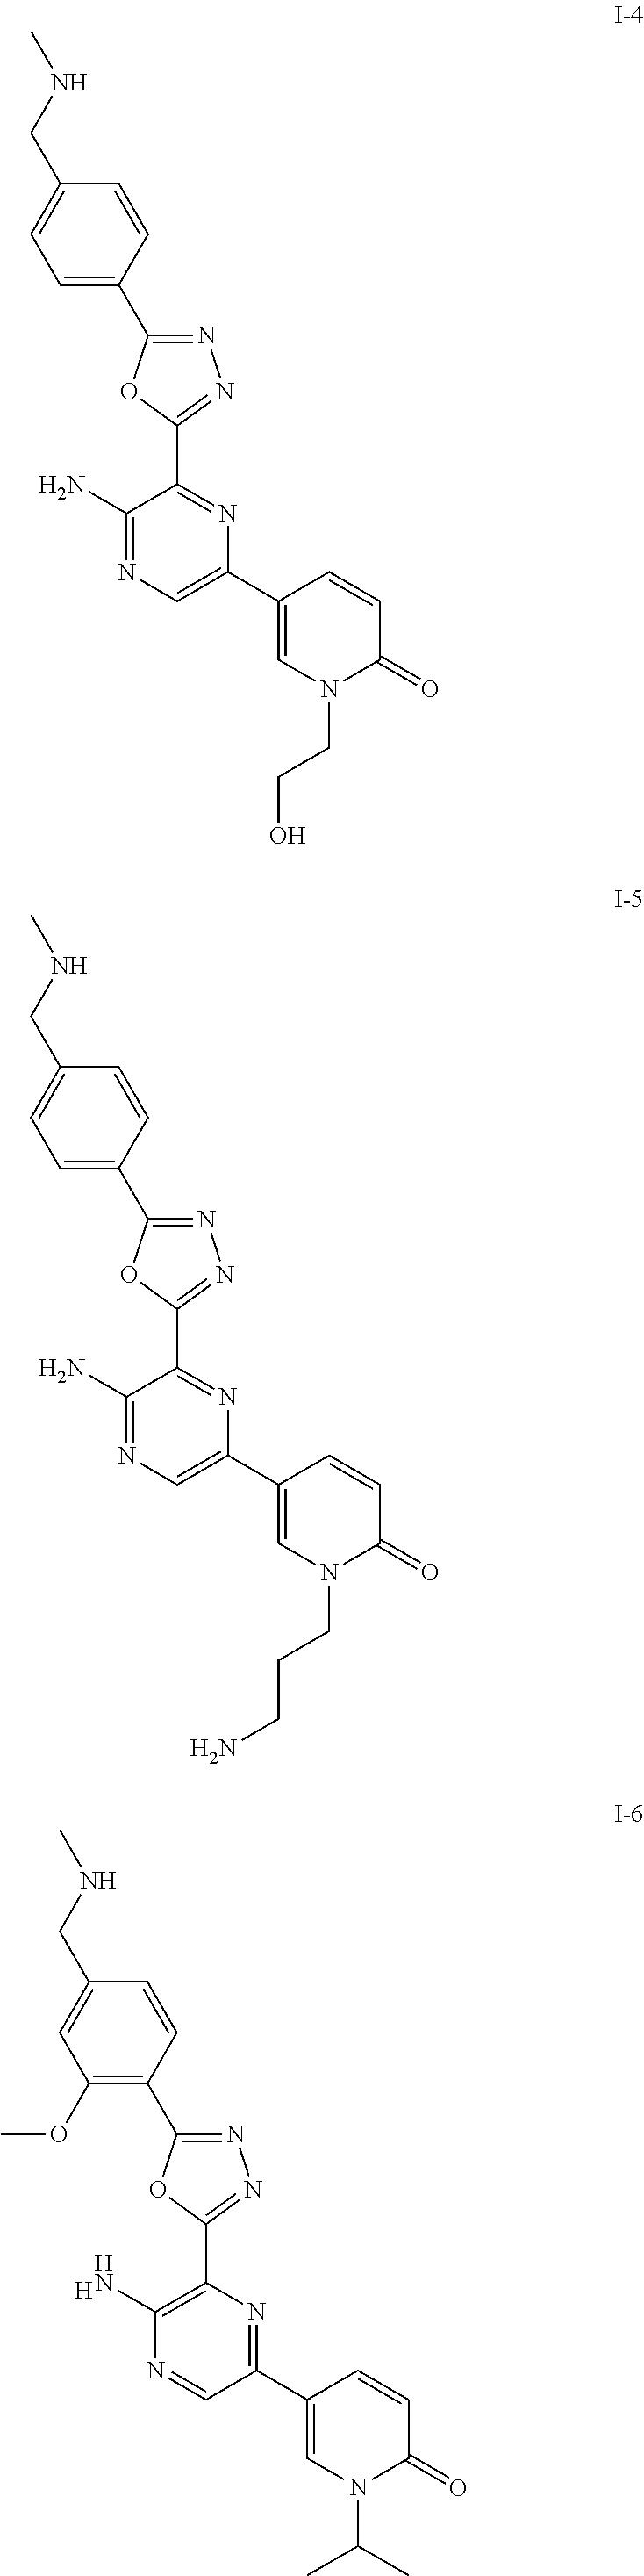 Figure US09630956-20170425-C00218